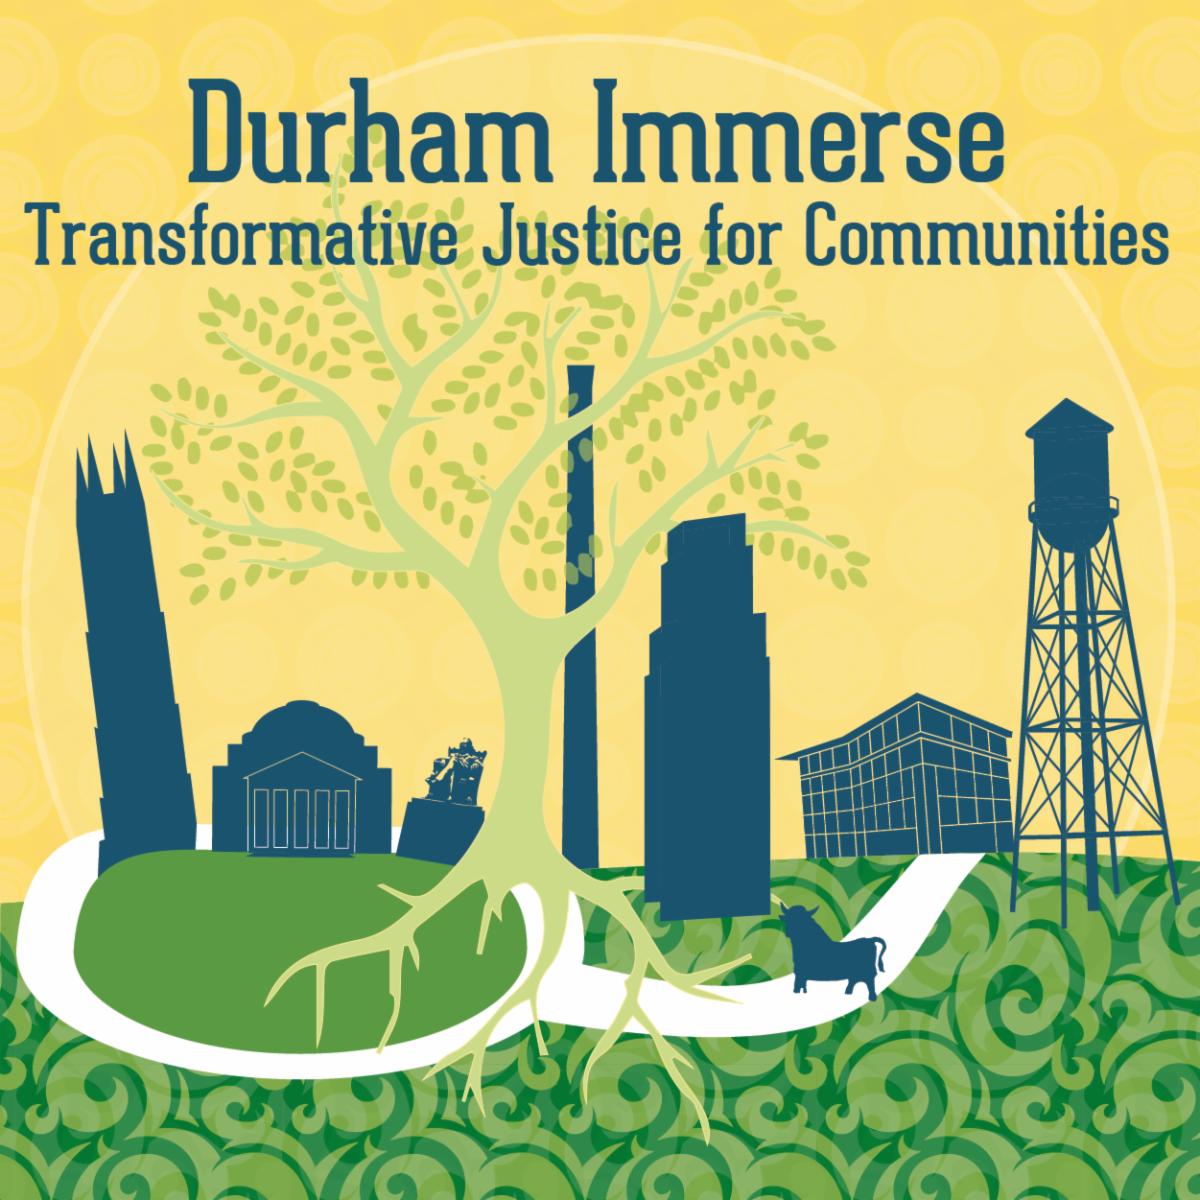 Durham Immerse